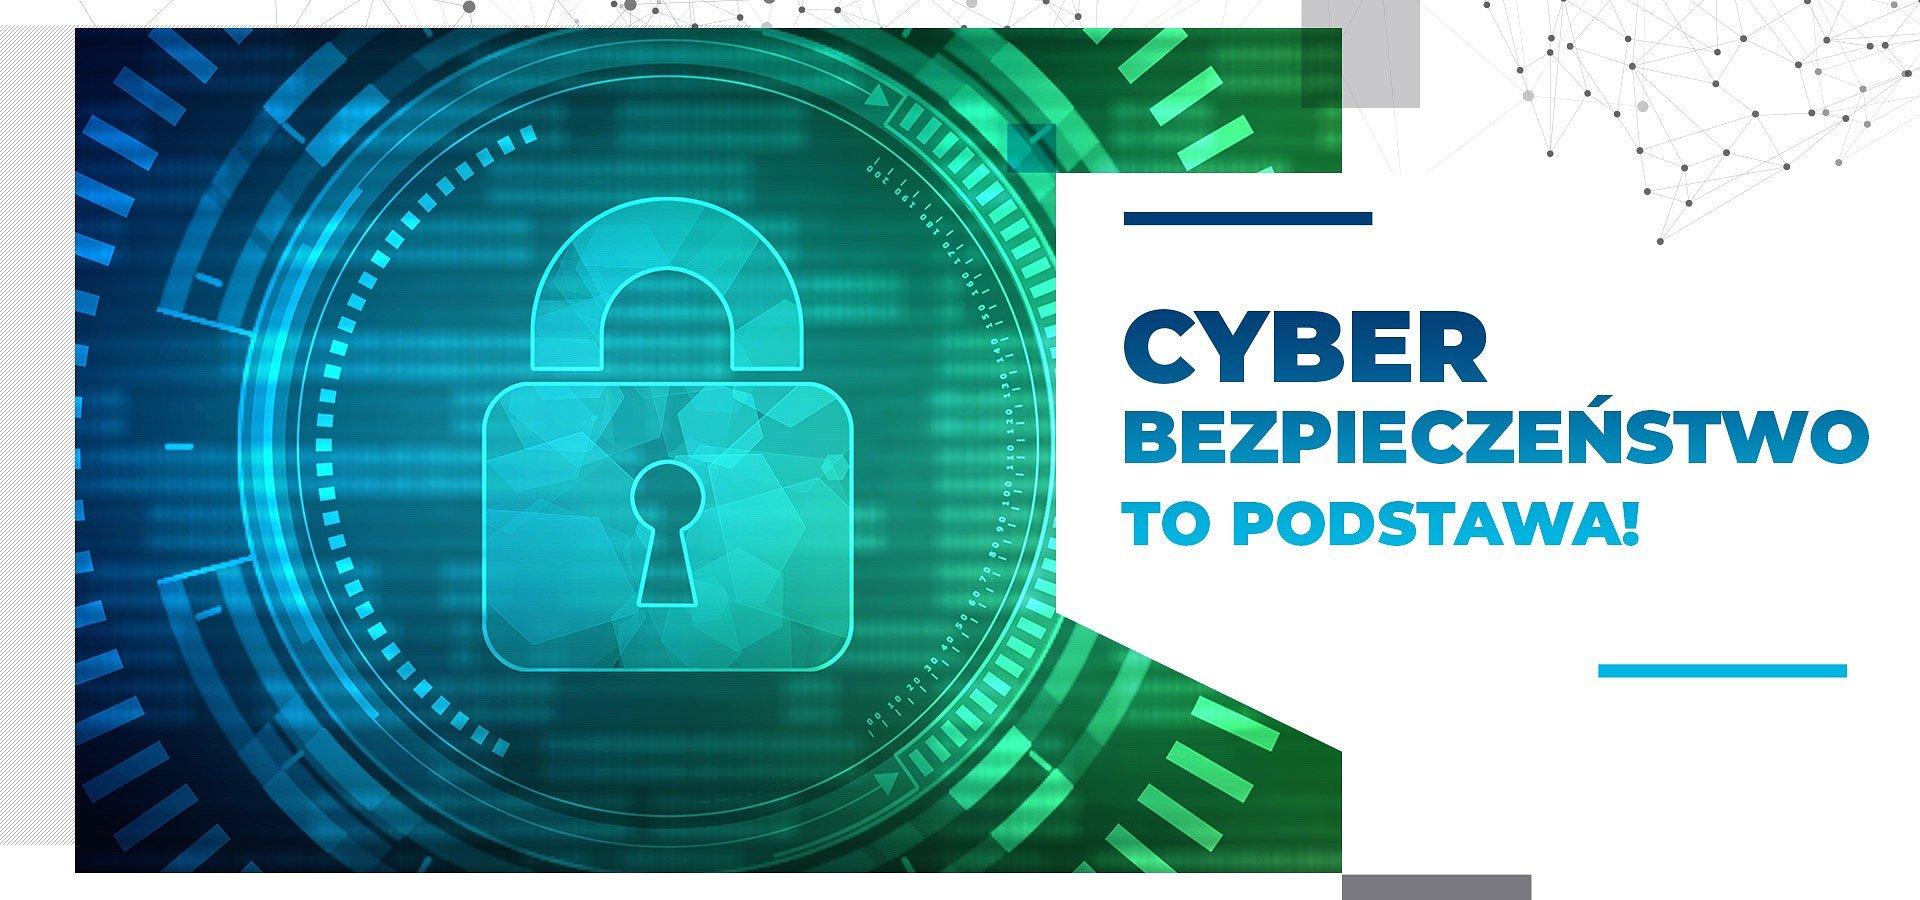 Nowoczesne narzędzia do walki z cyberzagrożeniami